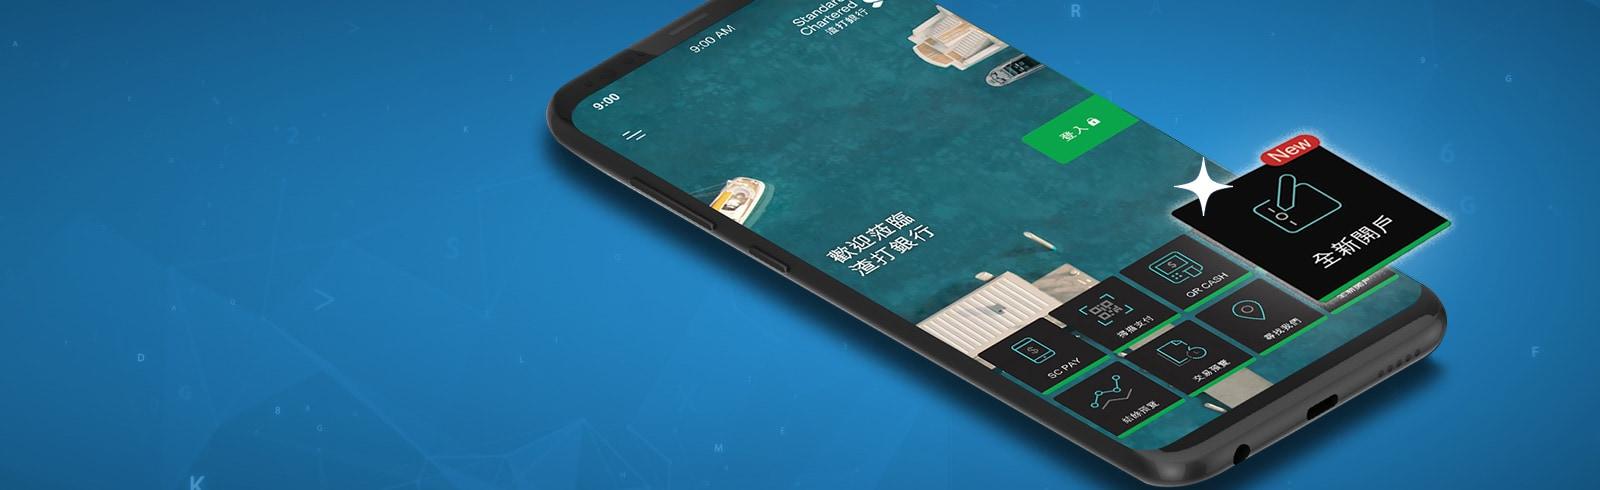 """手機正使用SC Mobile並顯示推薦""""全新開戶"""""""